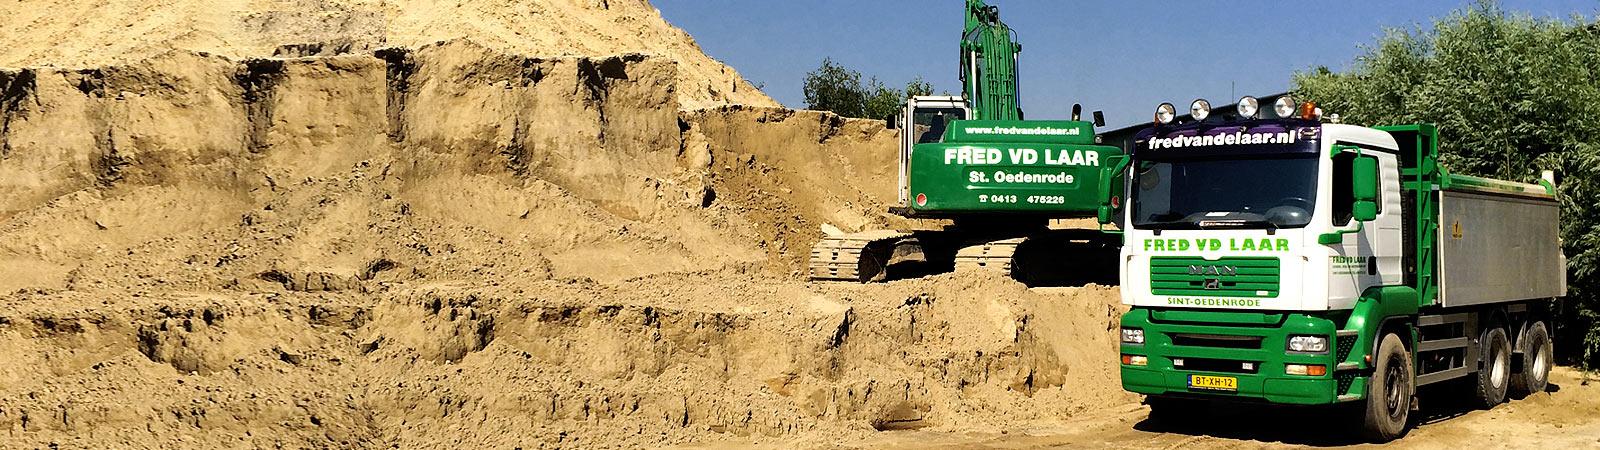 Bouwstoffen | Fred van de Laar Grond-, weg- en waterbouw uit Sint-Oedenrode